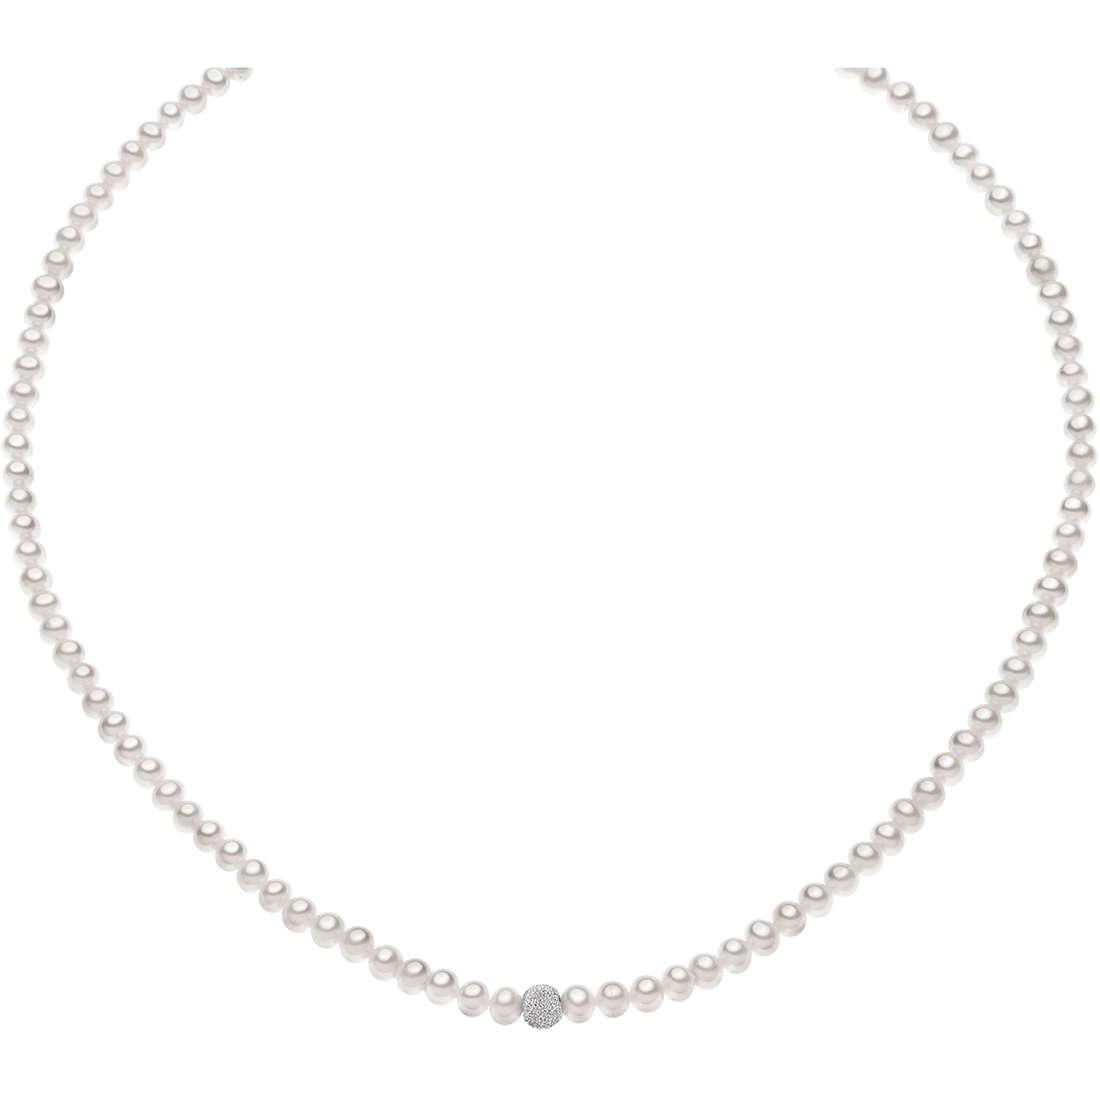 collana donna gioielli Comete Perla FWQ 196 B